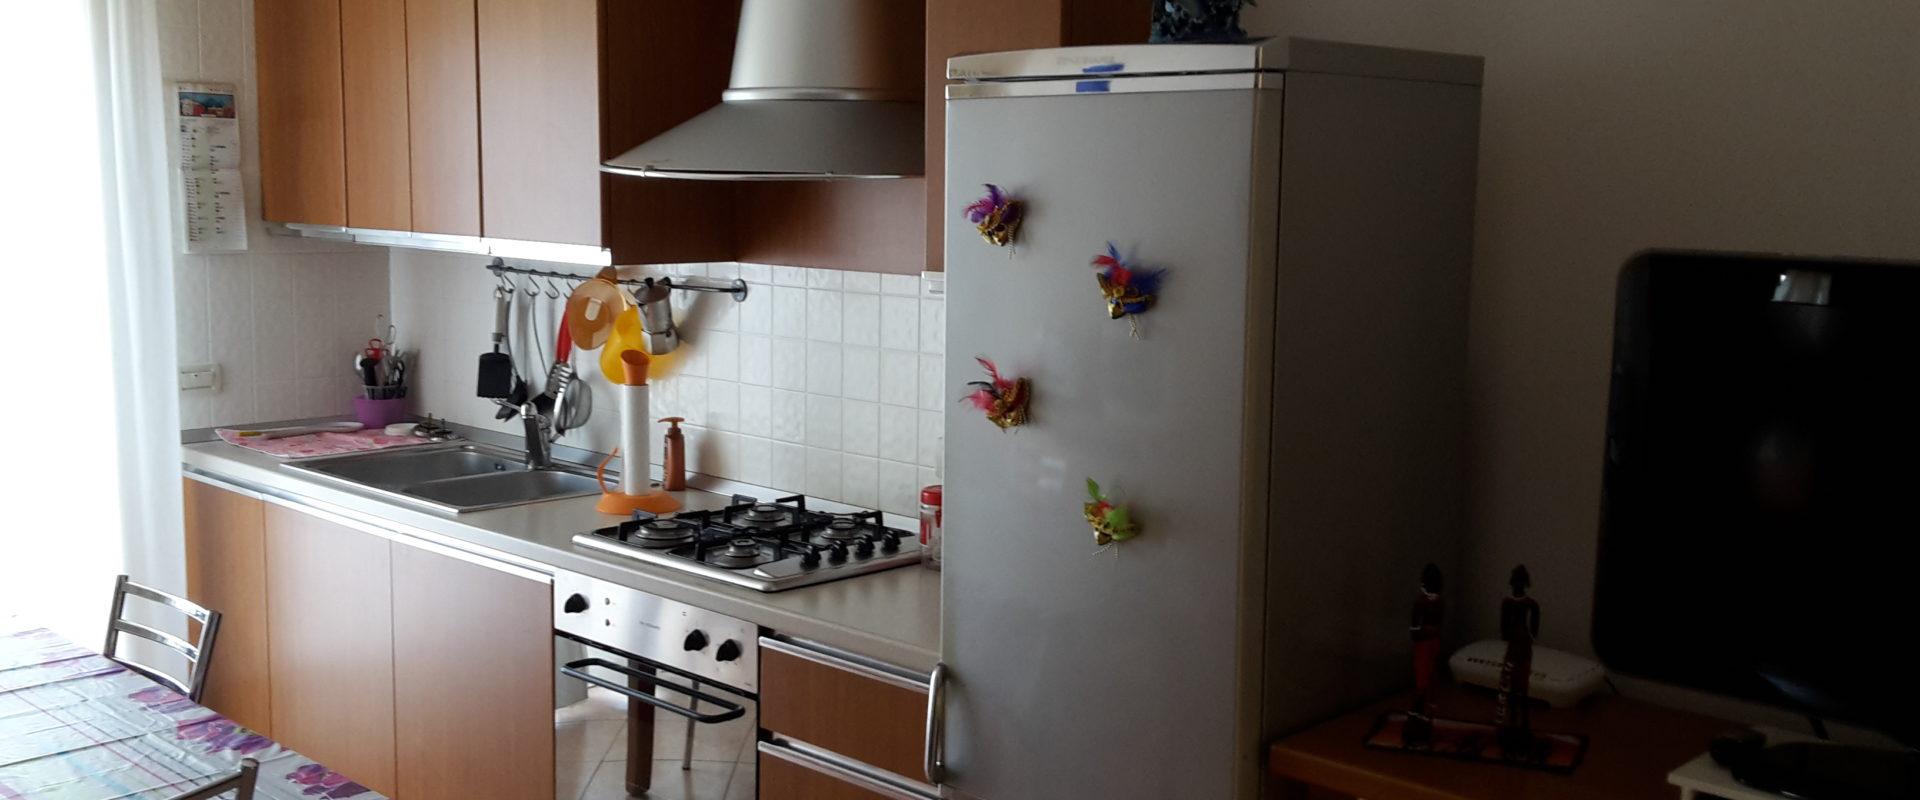 Vendita appartamento a Cittadella – 4 locali